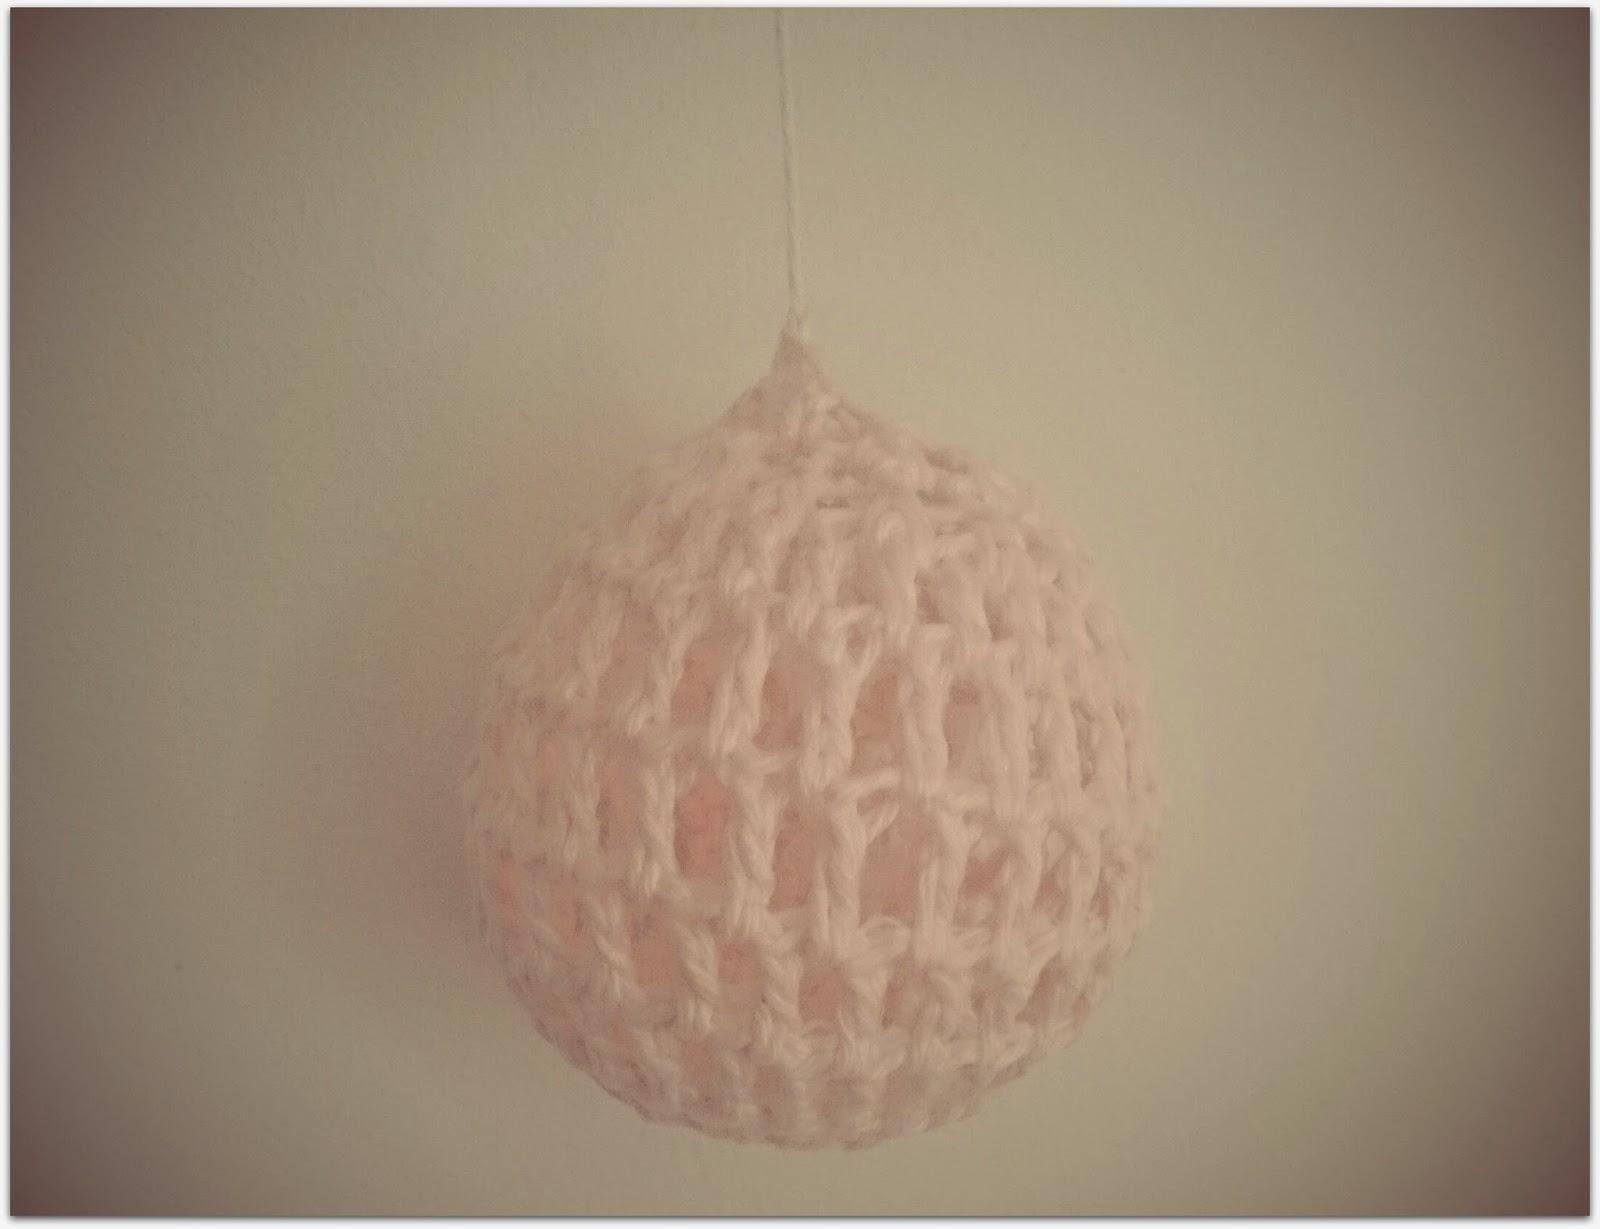 Juud Een Proefballonnetje Voor Kerst